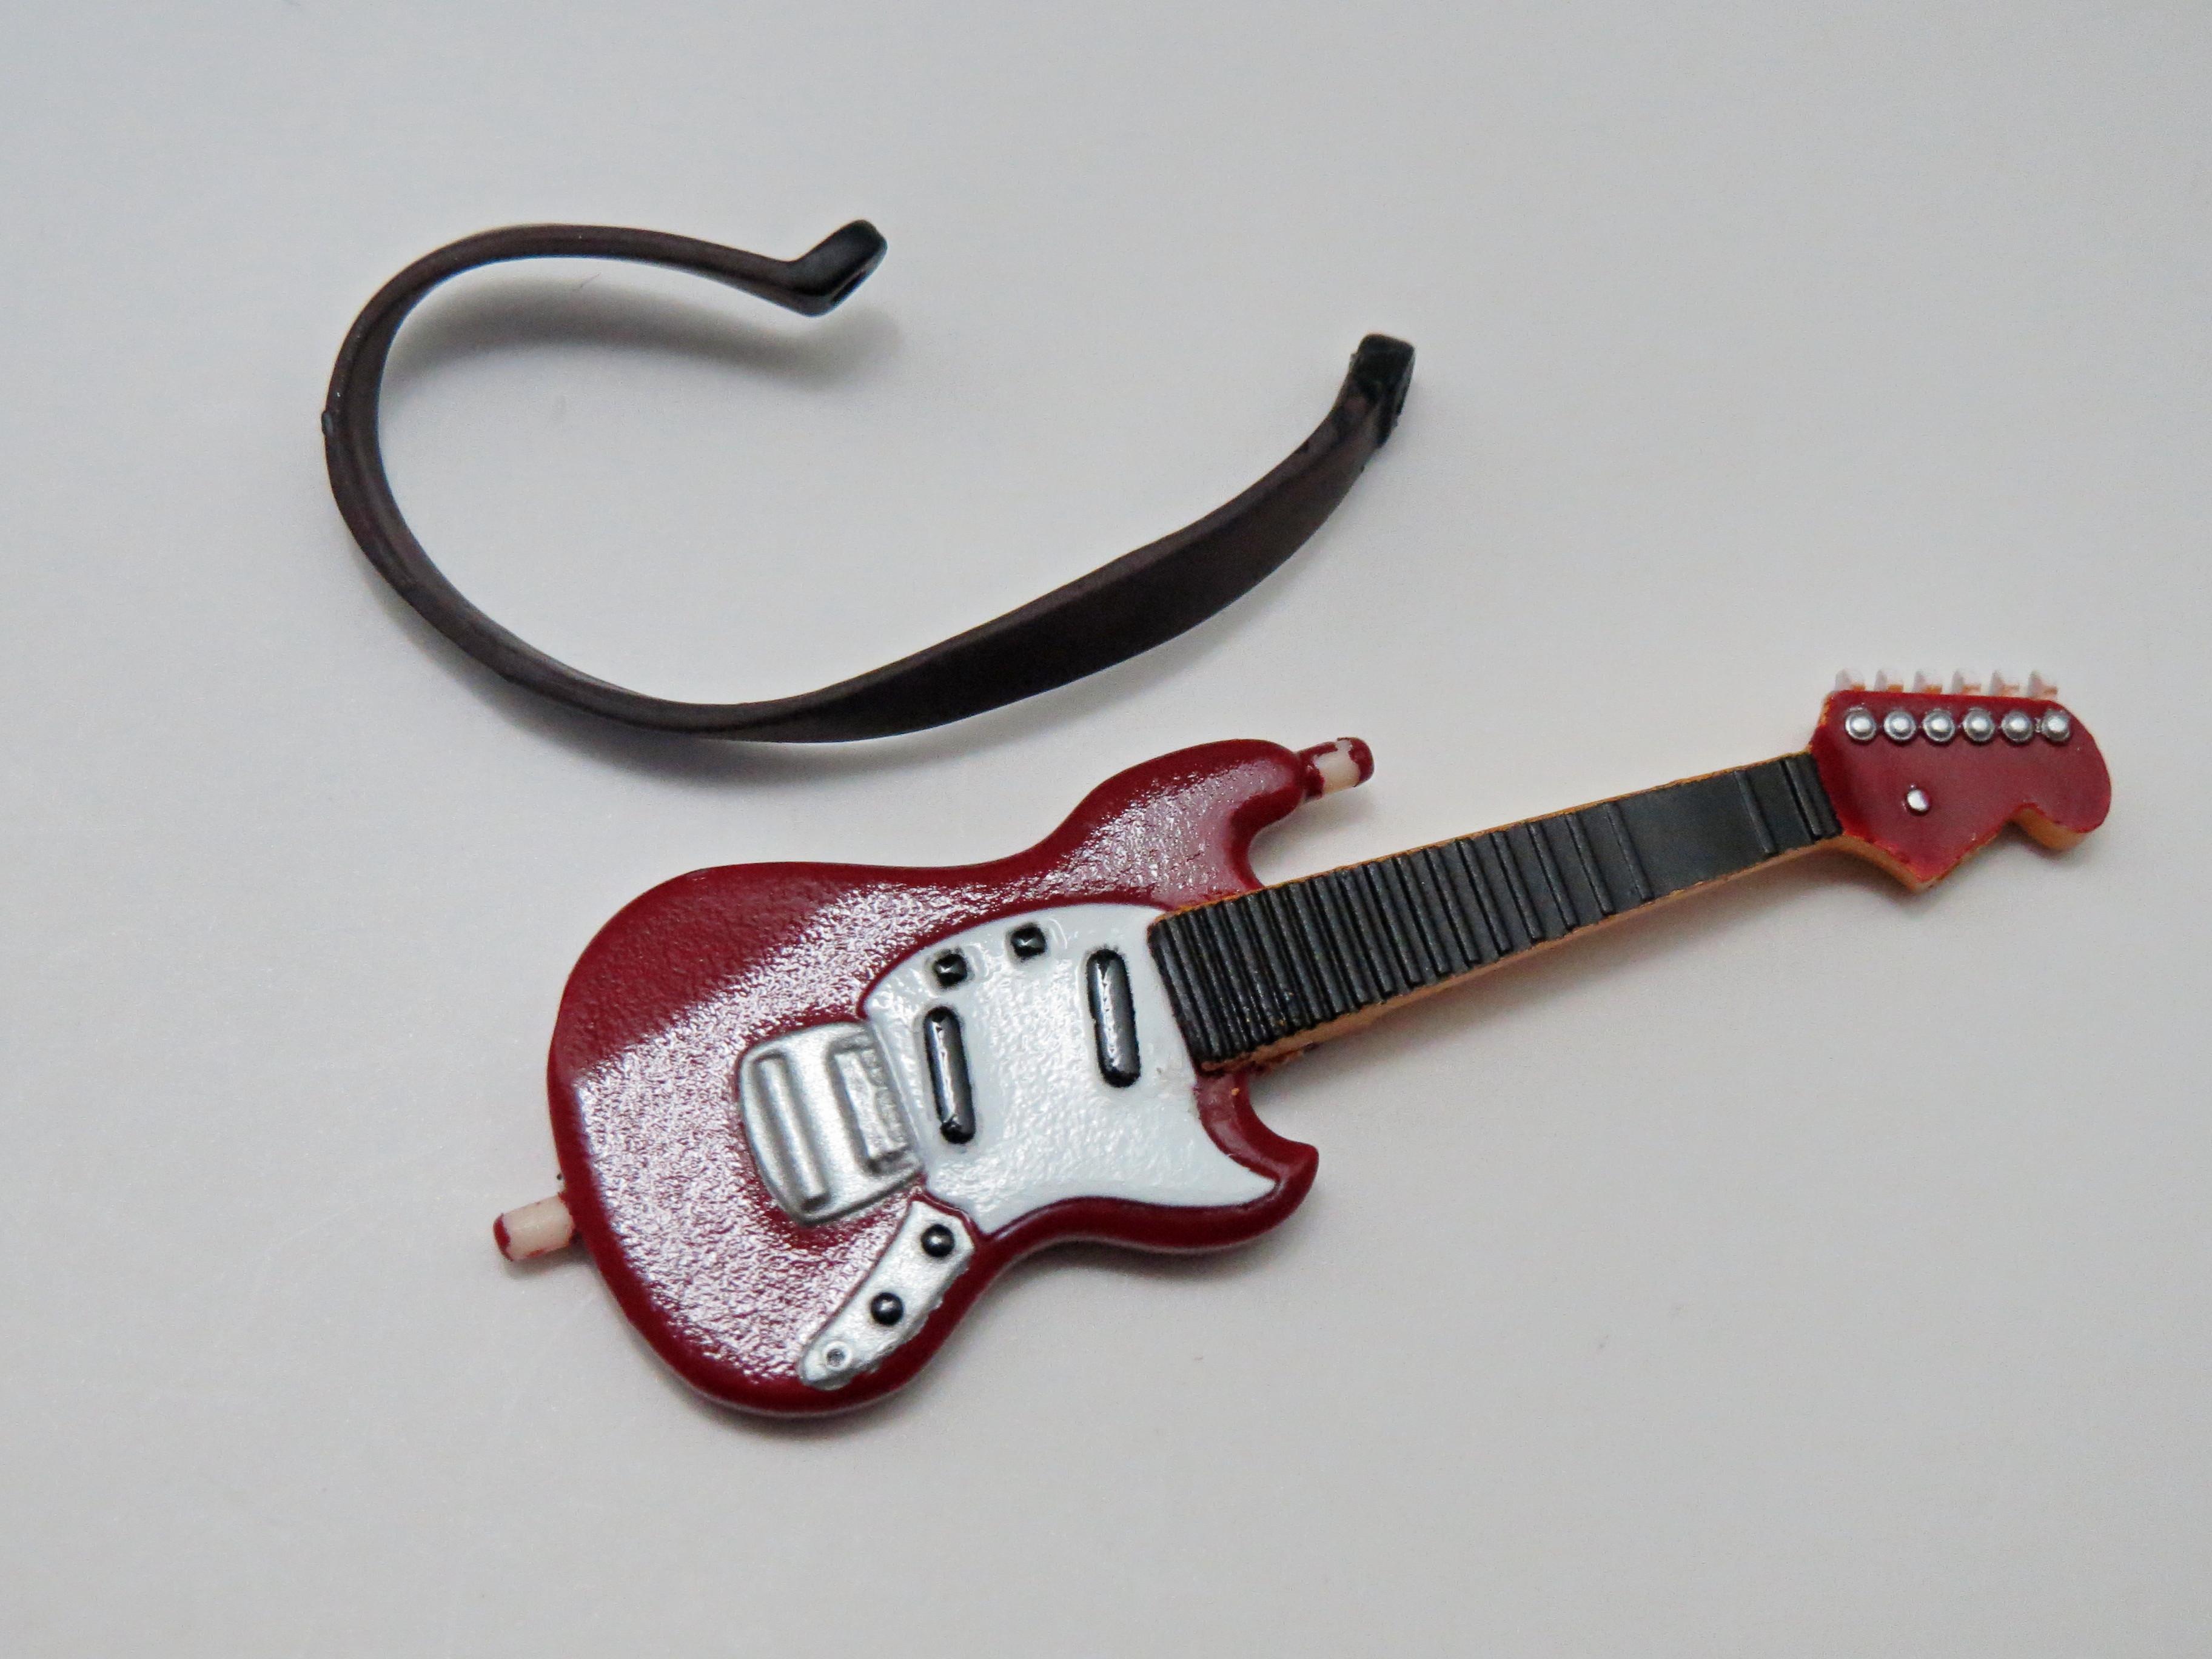 【104】 中野梓 小物パーツ ギター ねんどろいど